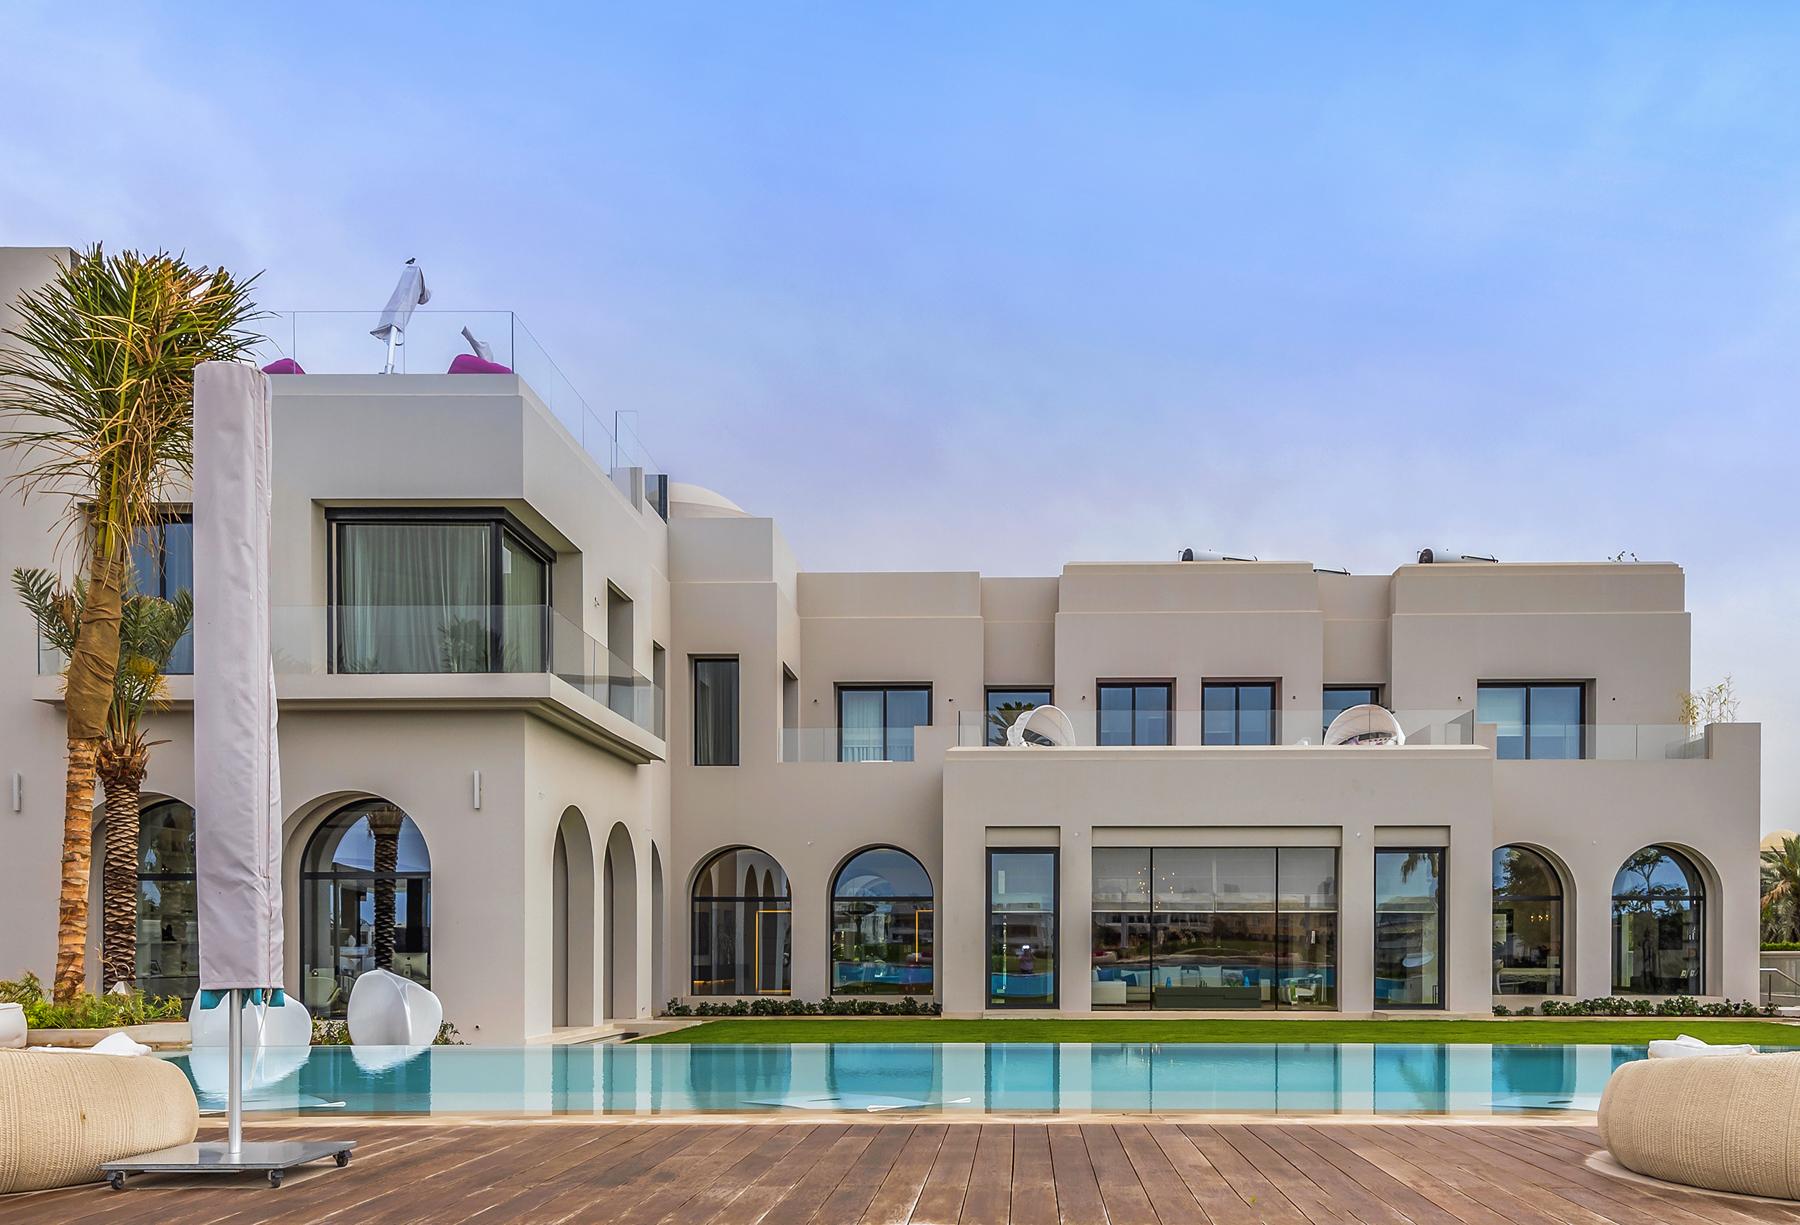 단독 가정 주택 용 매매 에 Unique Emirates Hills Villa Dubai, 두바이 아랍에미리트